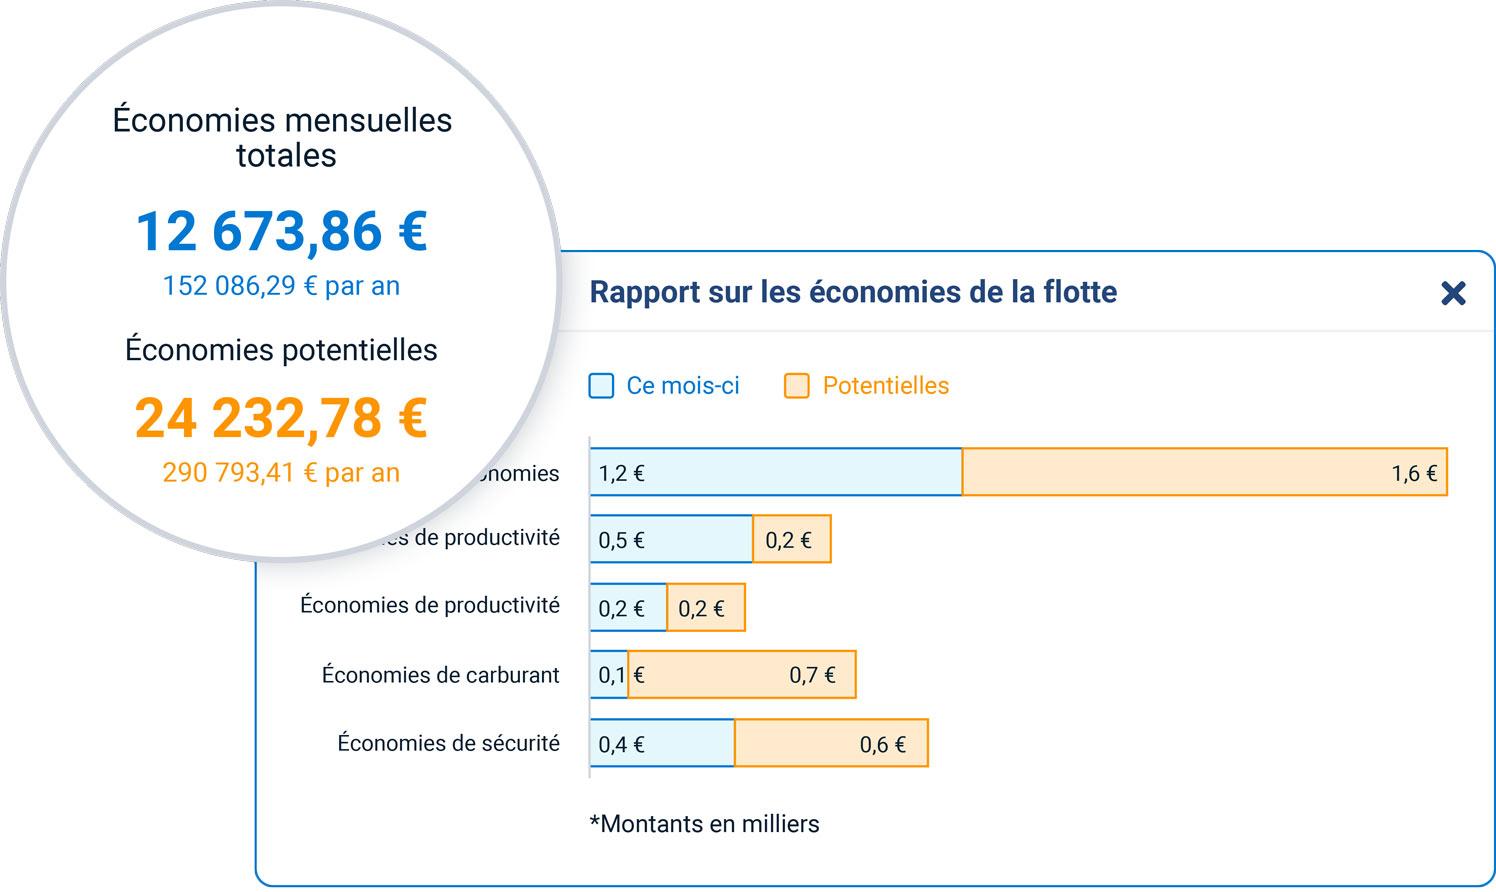 Rapport sur les économies de la flotte dans MyGeotab affichant les économies mensuelles totales et les économies potentielles